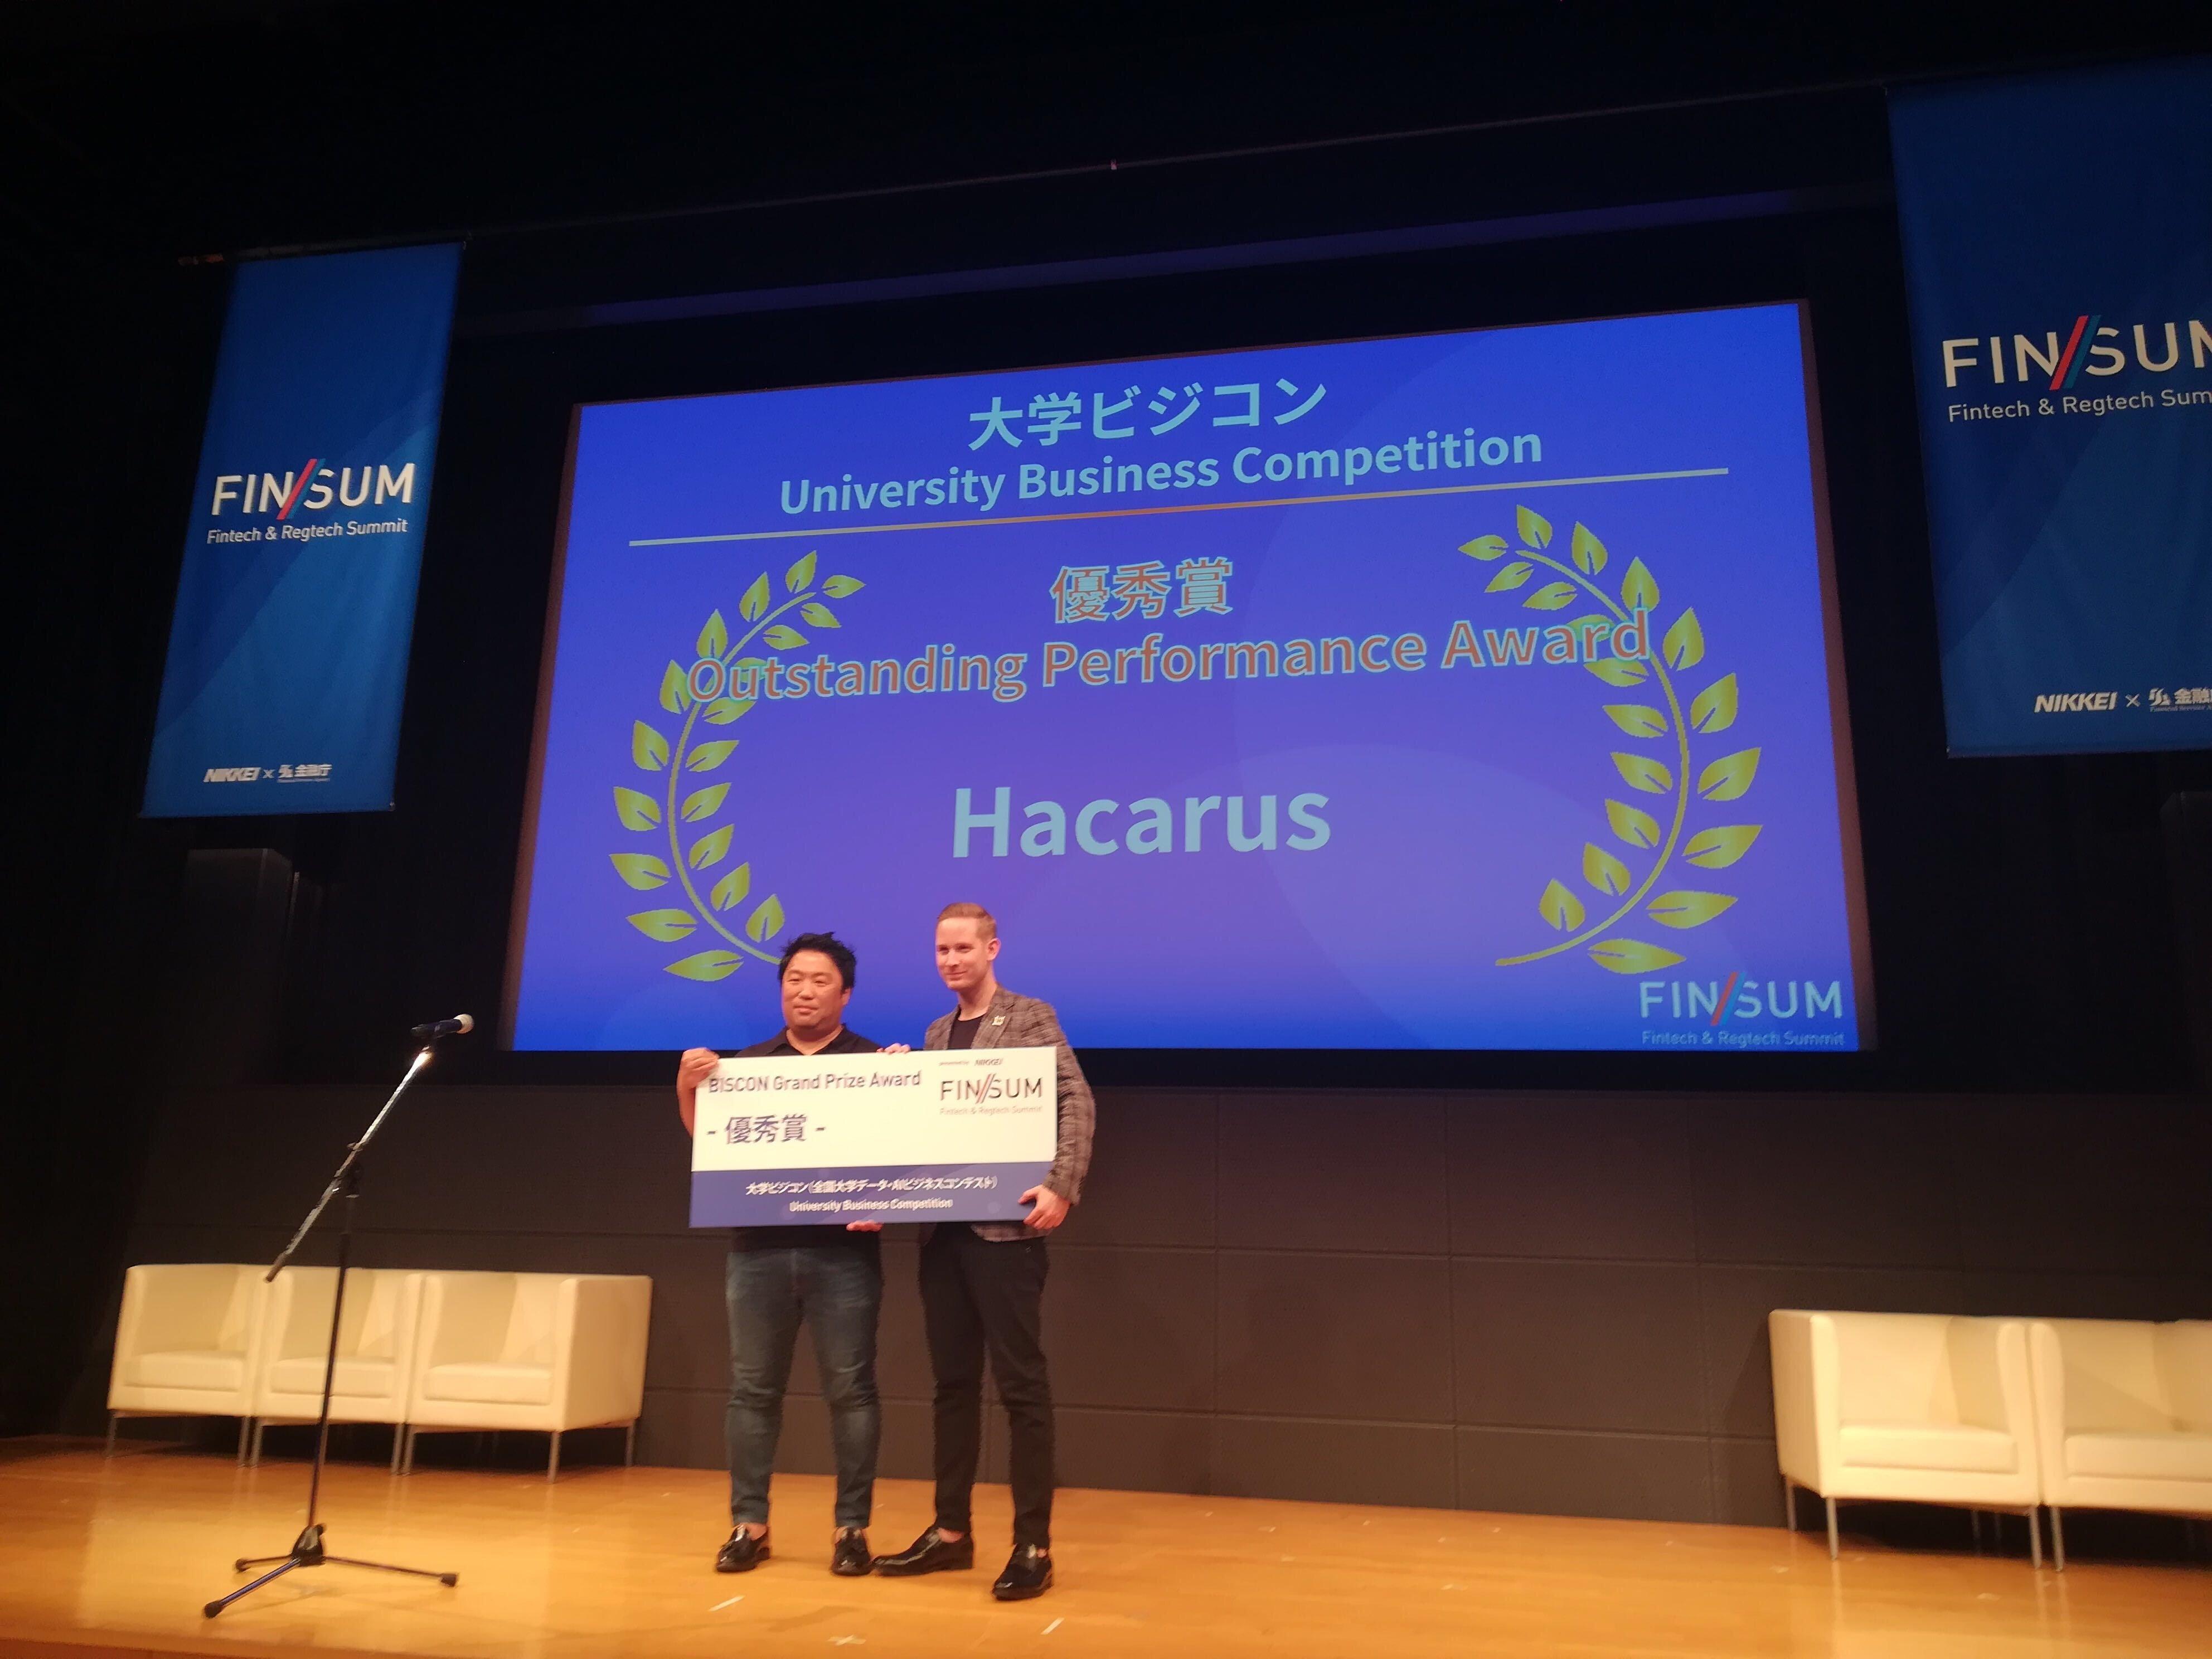 ハカルスがFIN/SUM2019で「Outstanding Performance賞」を受賞